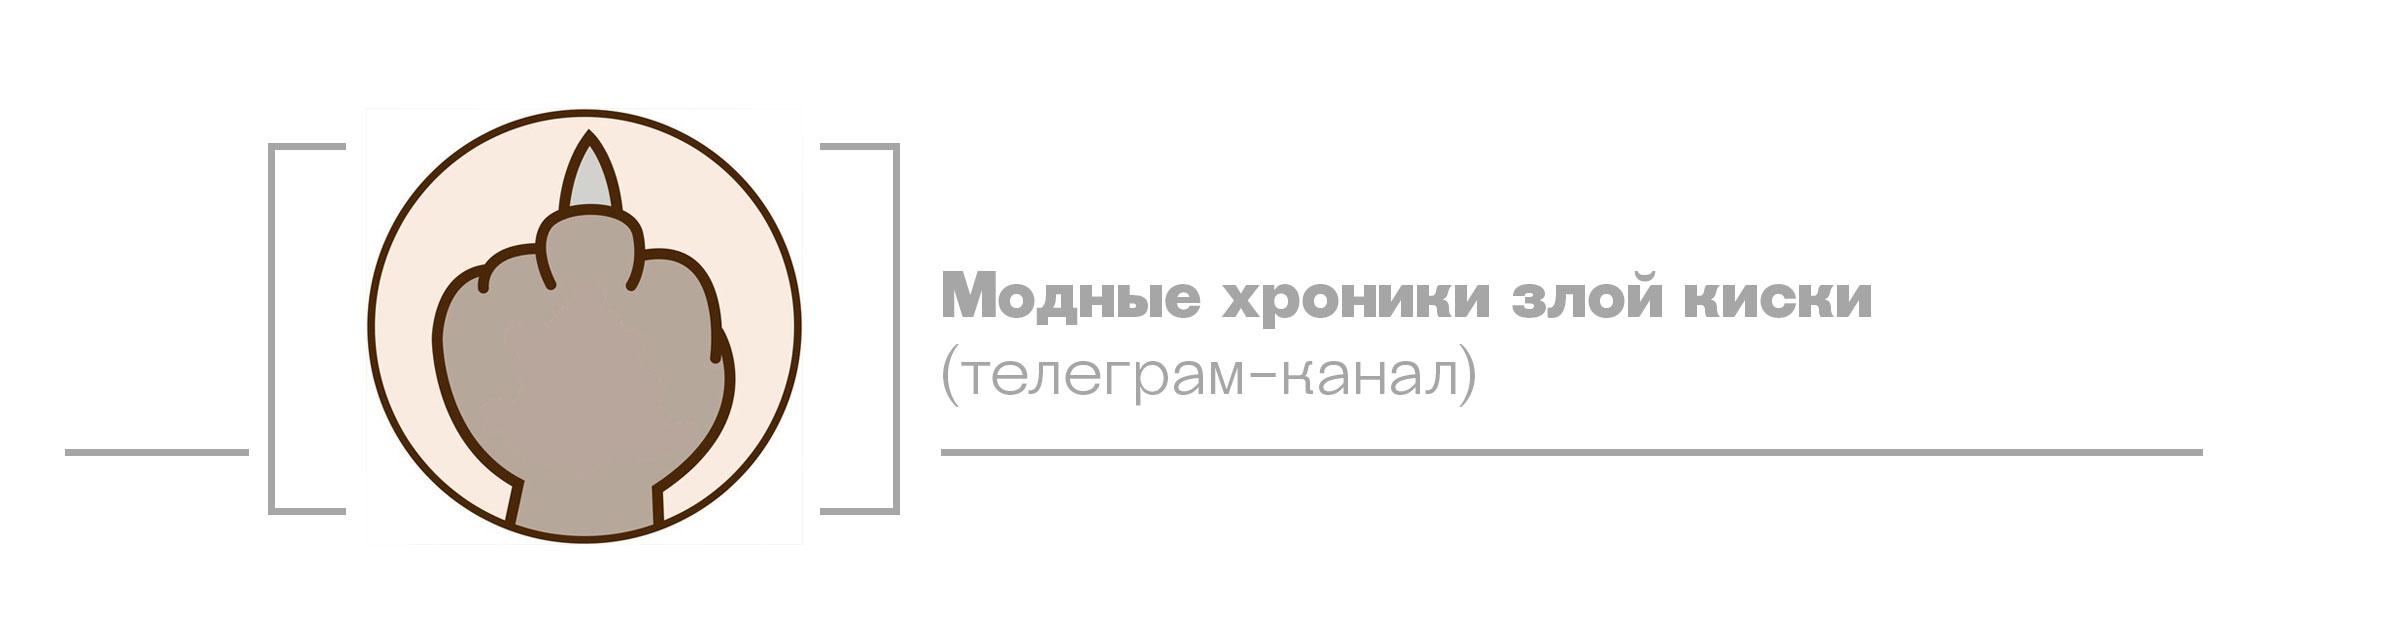 Модные хроники злой киски (телеграм-канал)